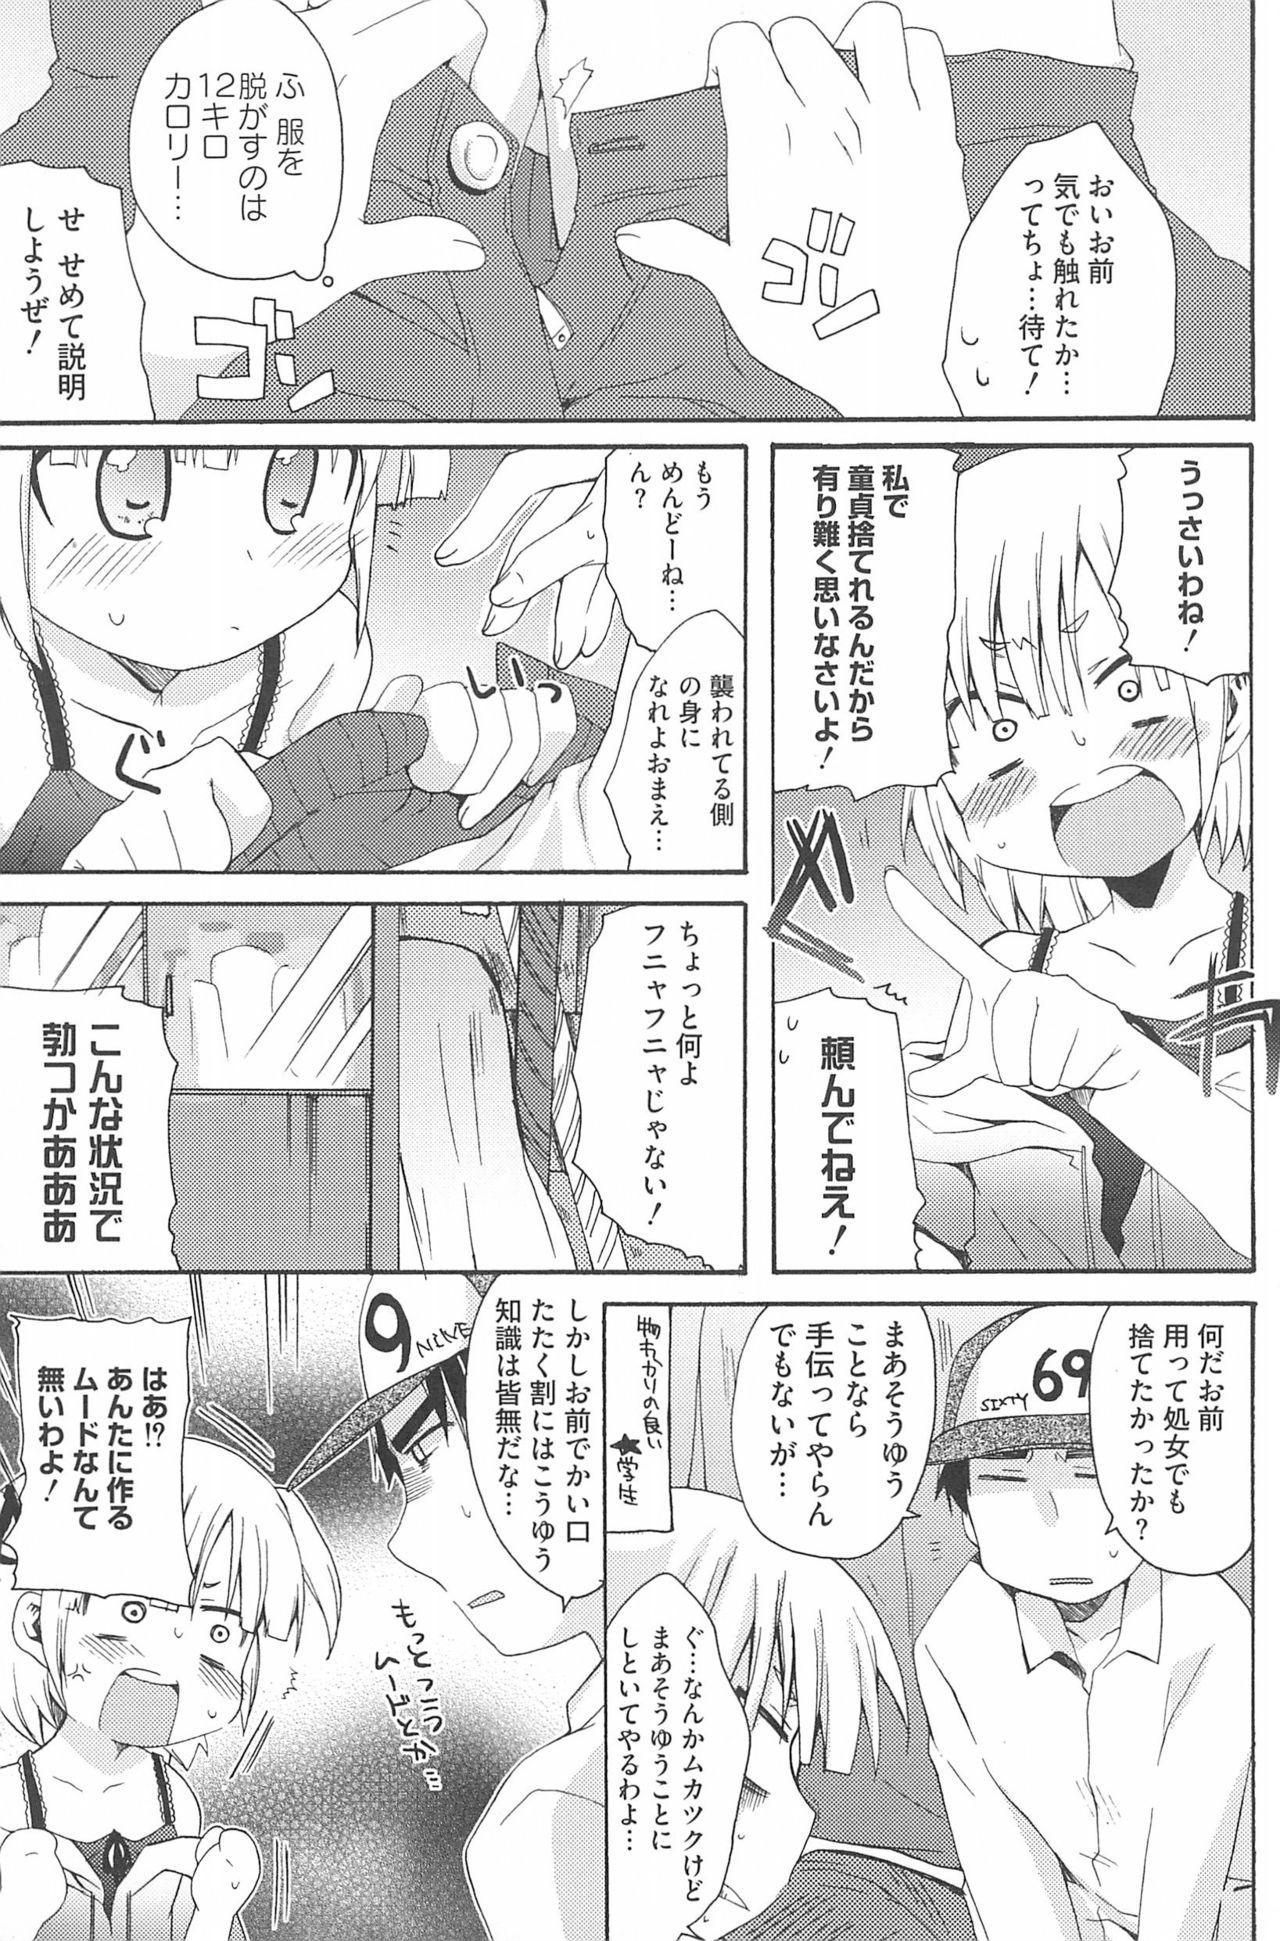 [Anthology] 3-tsugo 3 Shimai no Seiyoku wa 3-bai (Mitsudomoe) 160